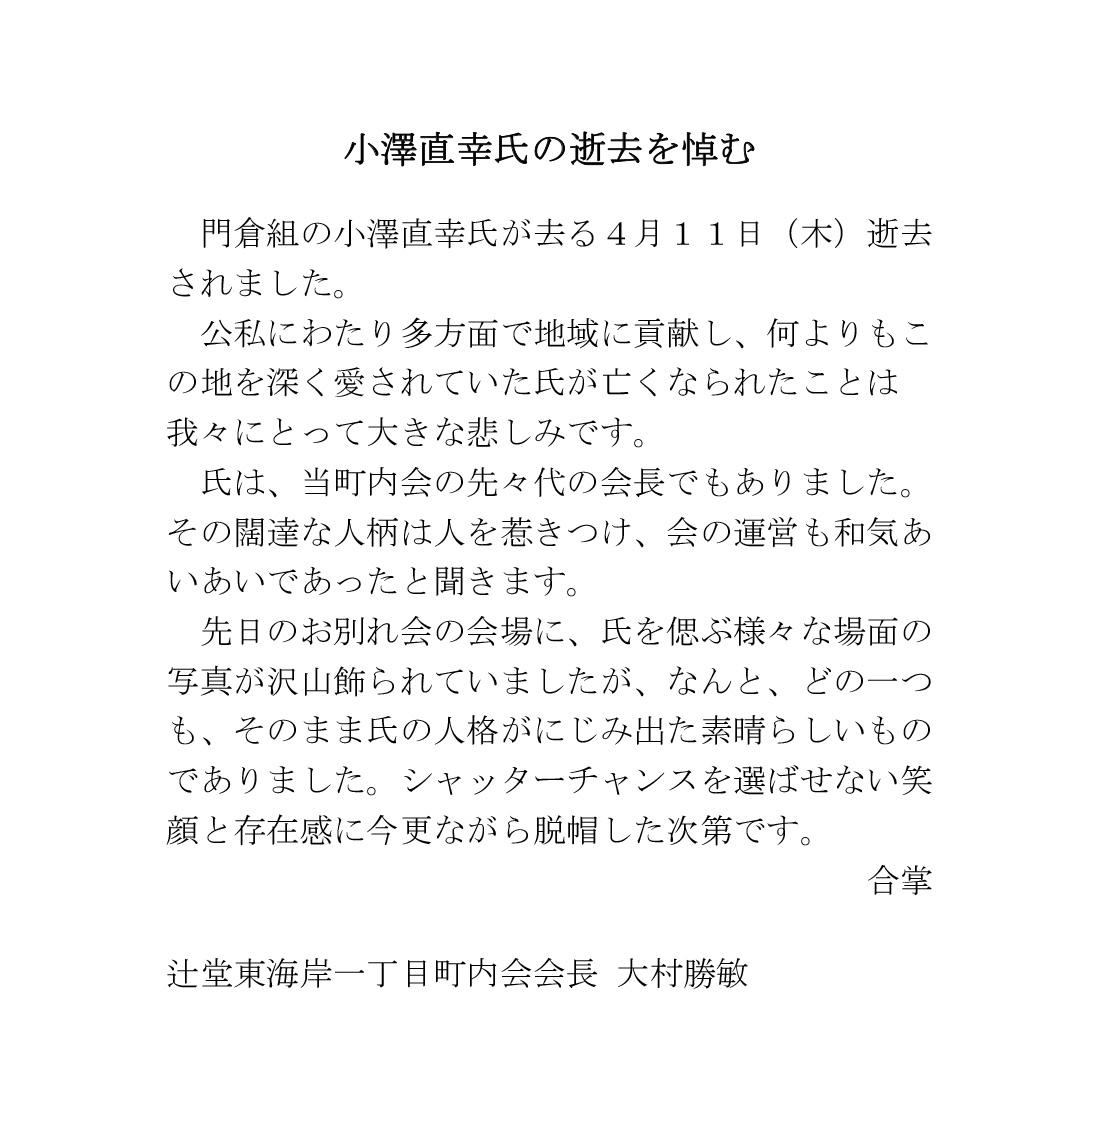 小澤直幸氏の逝去を悼む